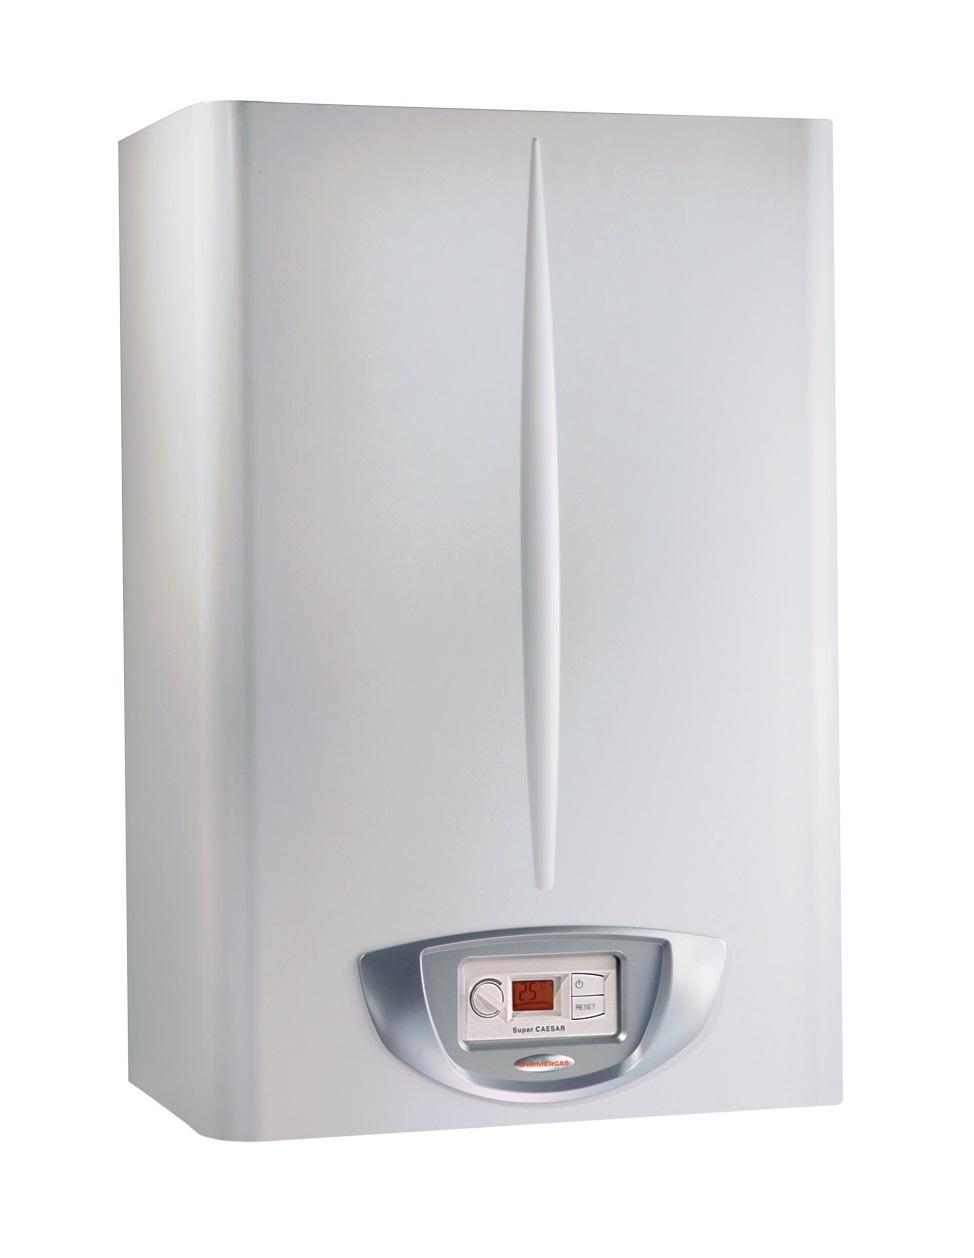 Calentador de agua a gas immergas caesar 14 for Calentador de agua a gas